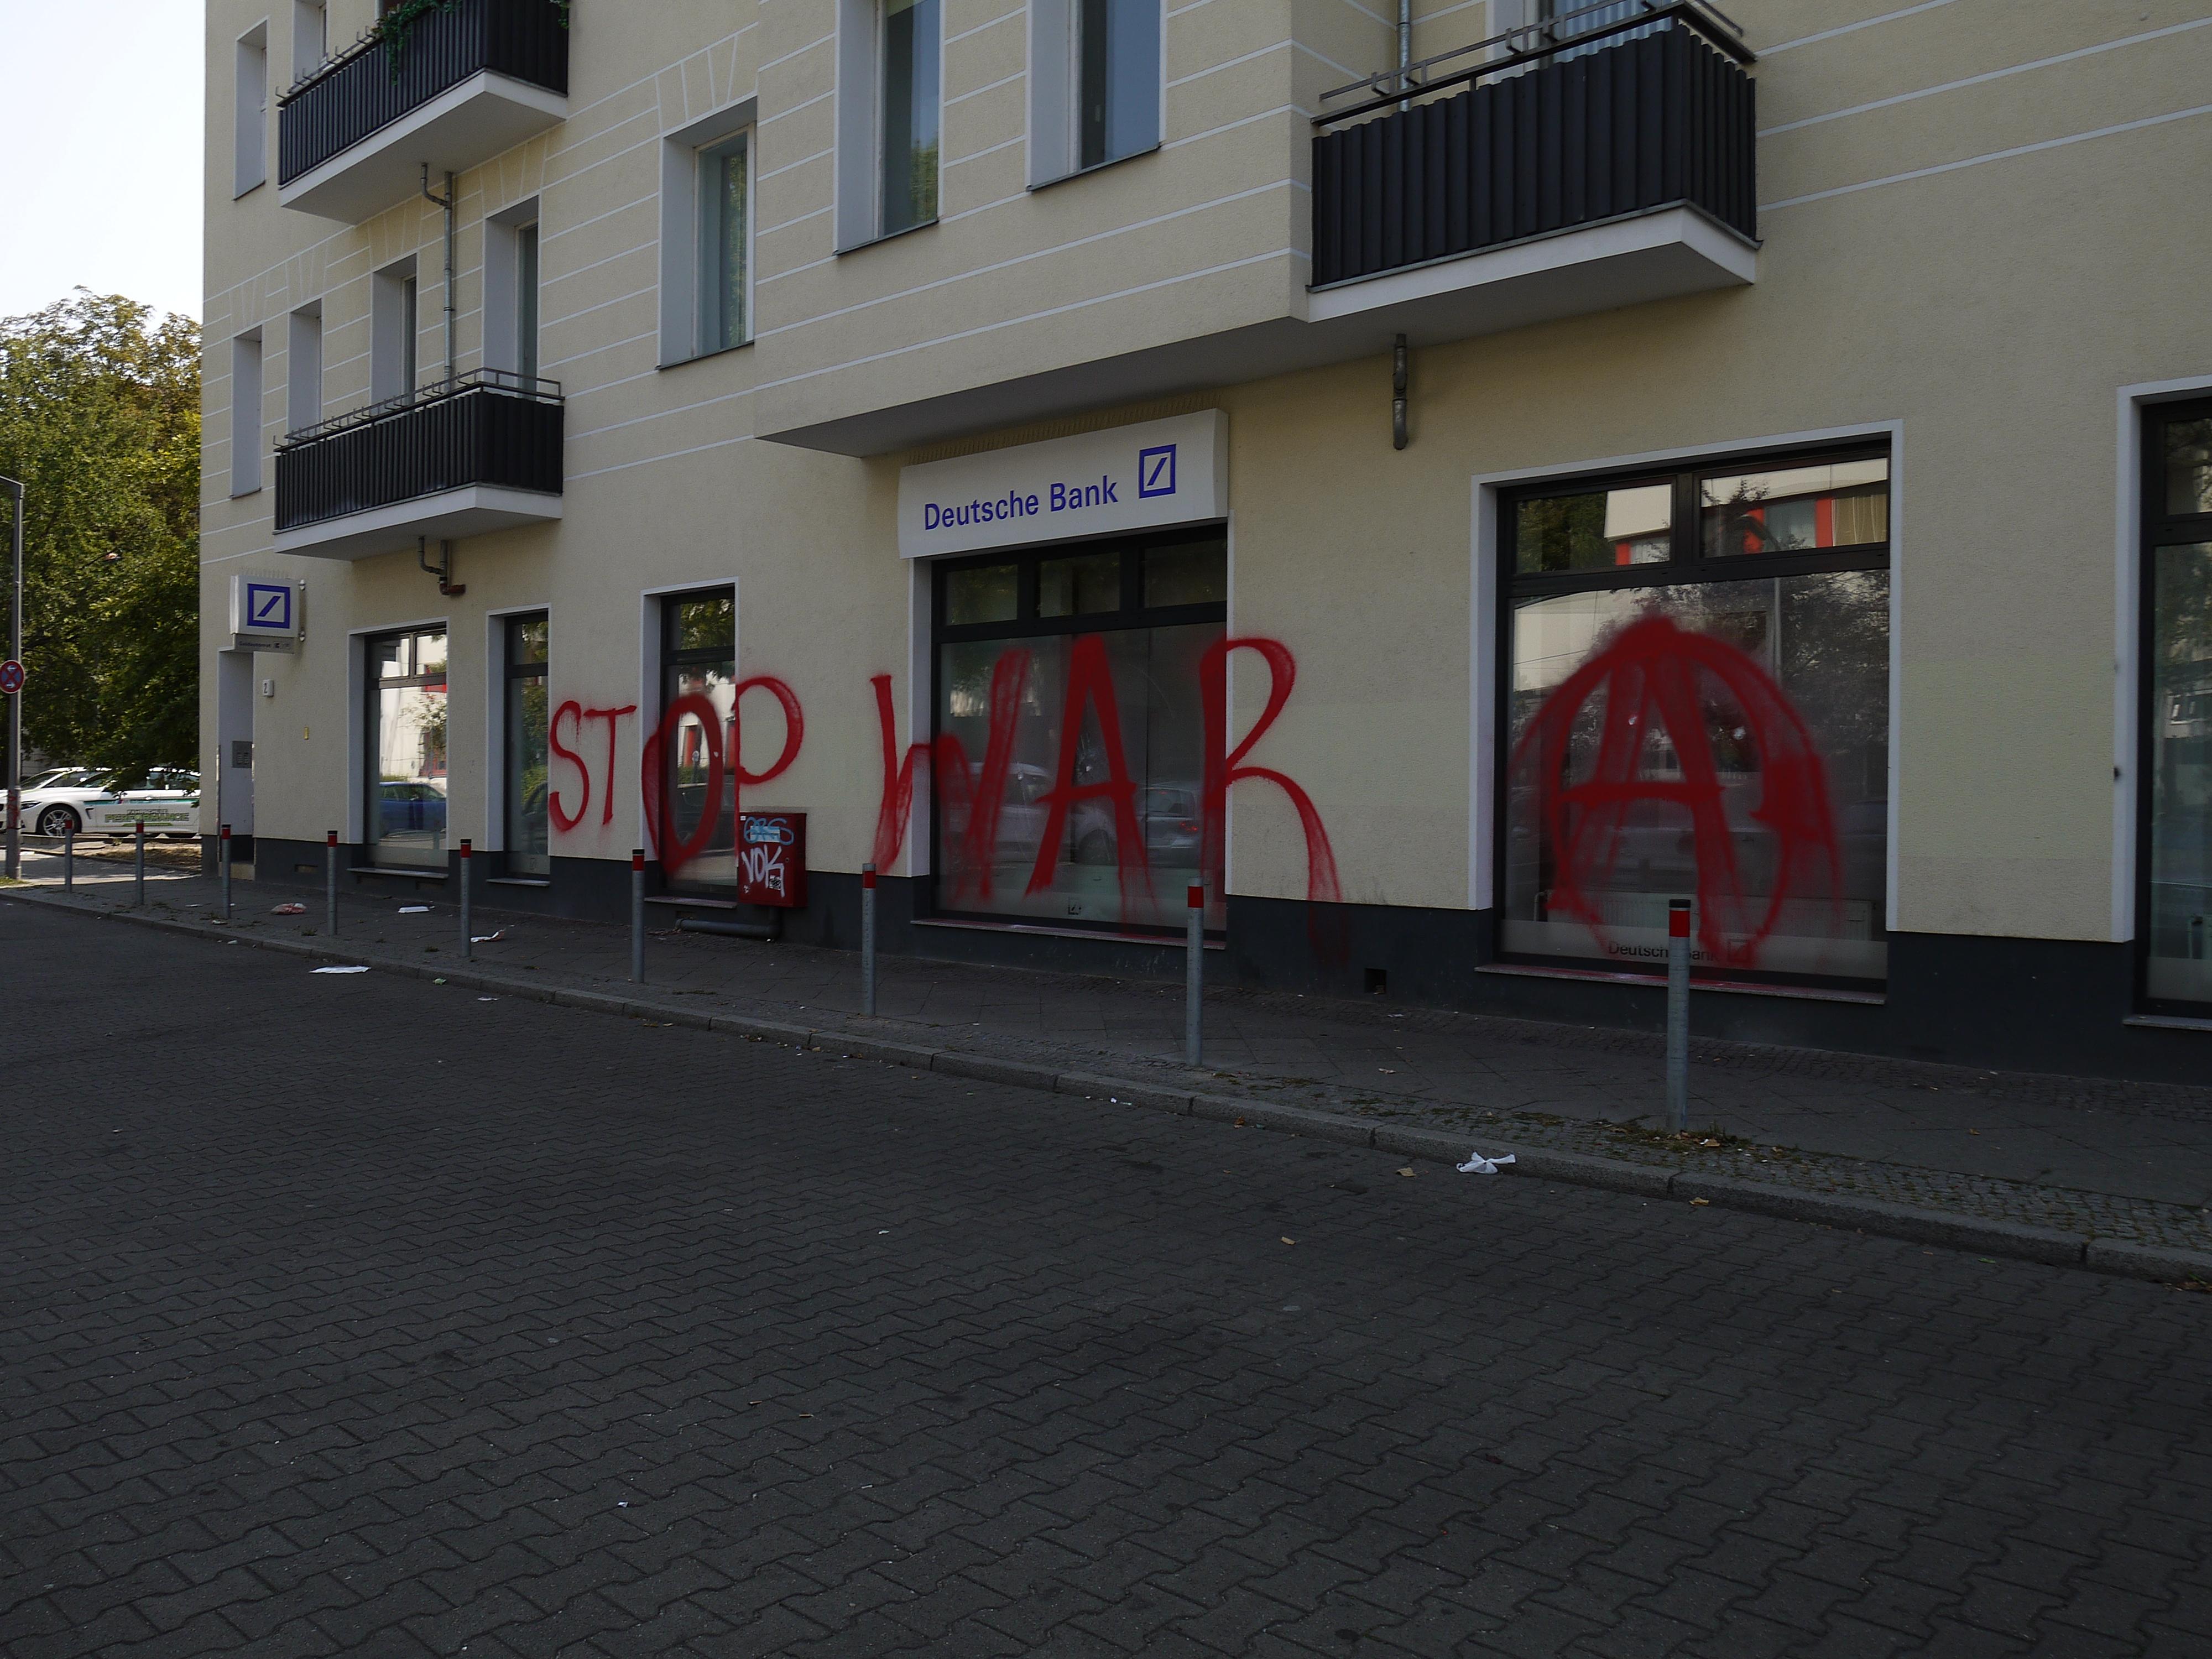 Zwei Filalen Der Deutschen Bank Beschadigt